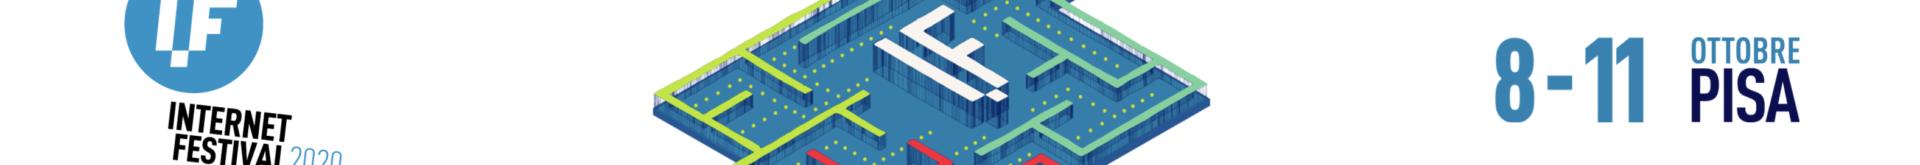 #Reset: a ottobre la decima edizione di Internet Festival